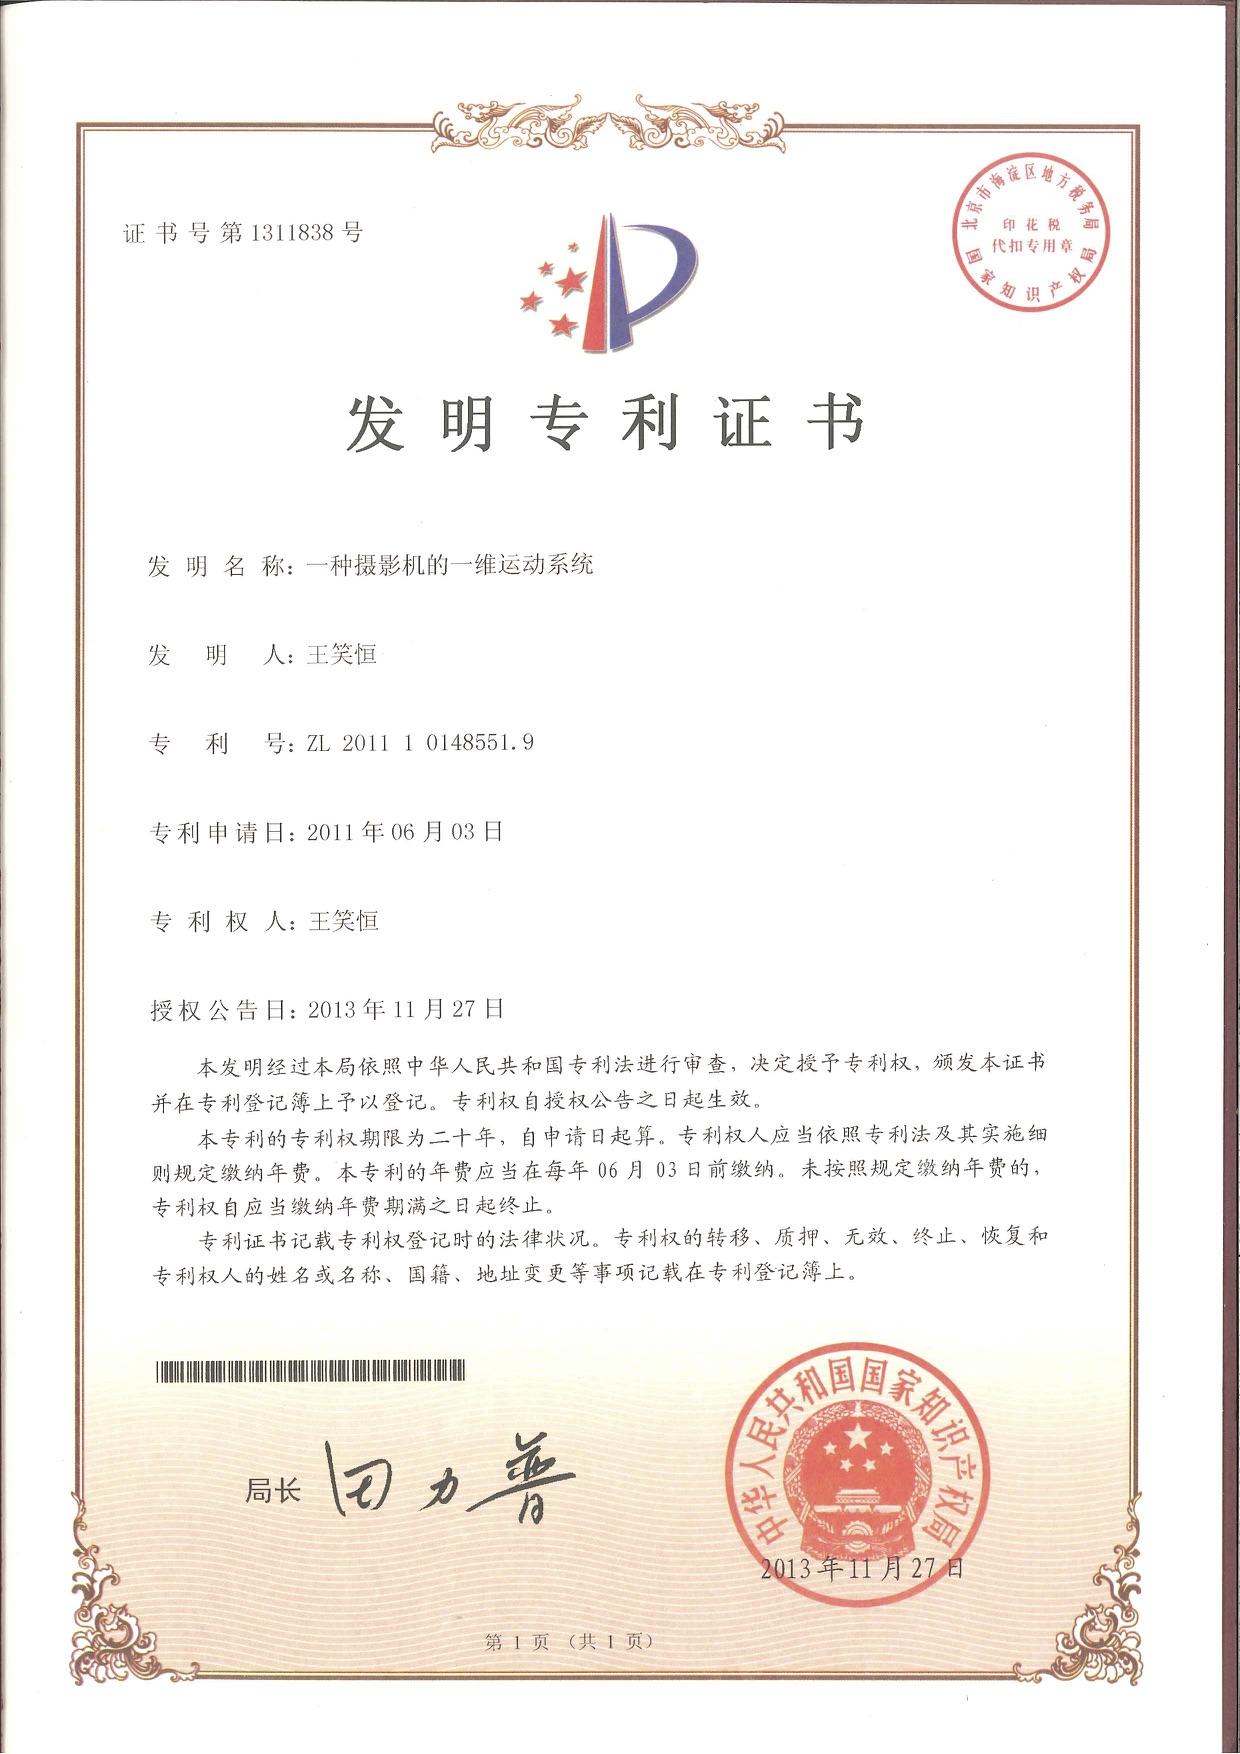 王笑恒发明专利证书mark